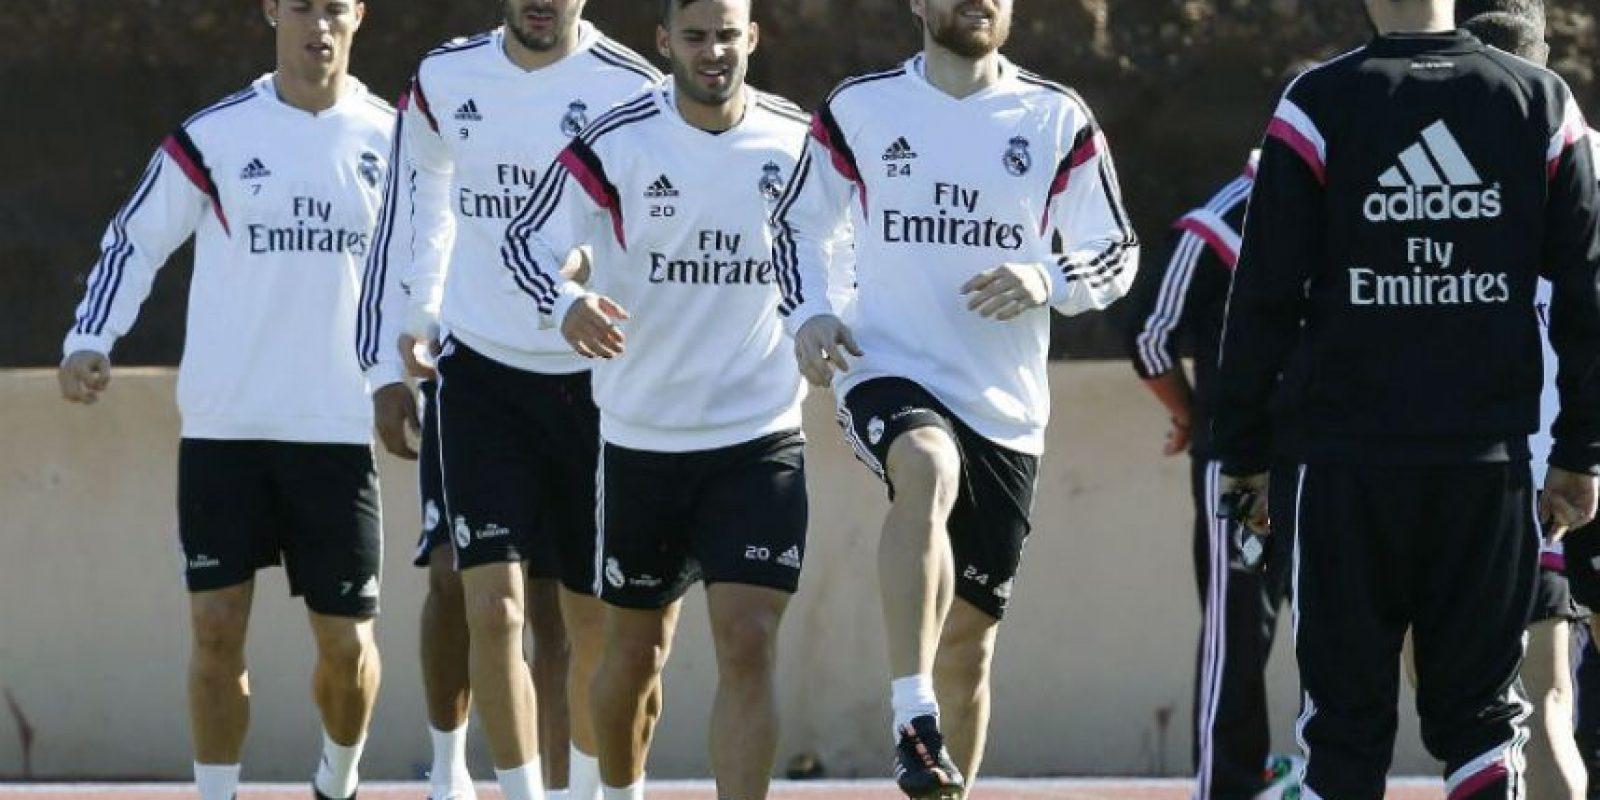 El Real Madrid durante el entrenamiento de este jueves. Foto:EFE